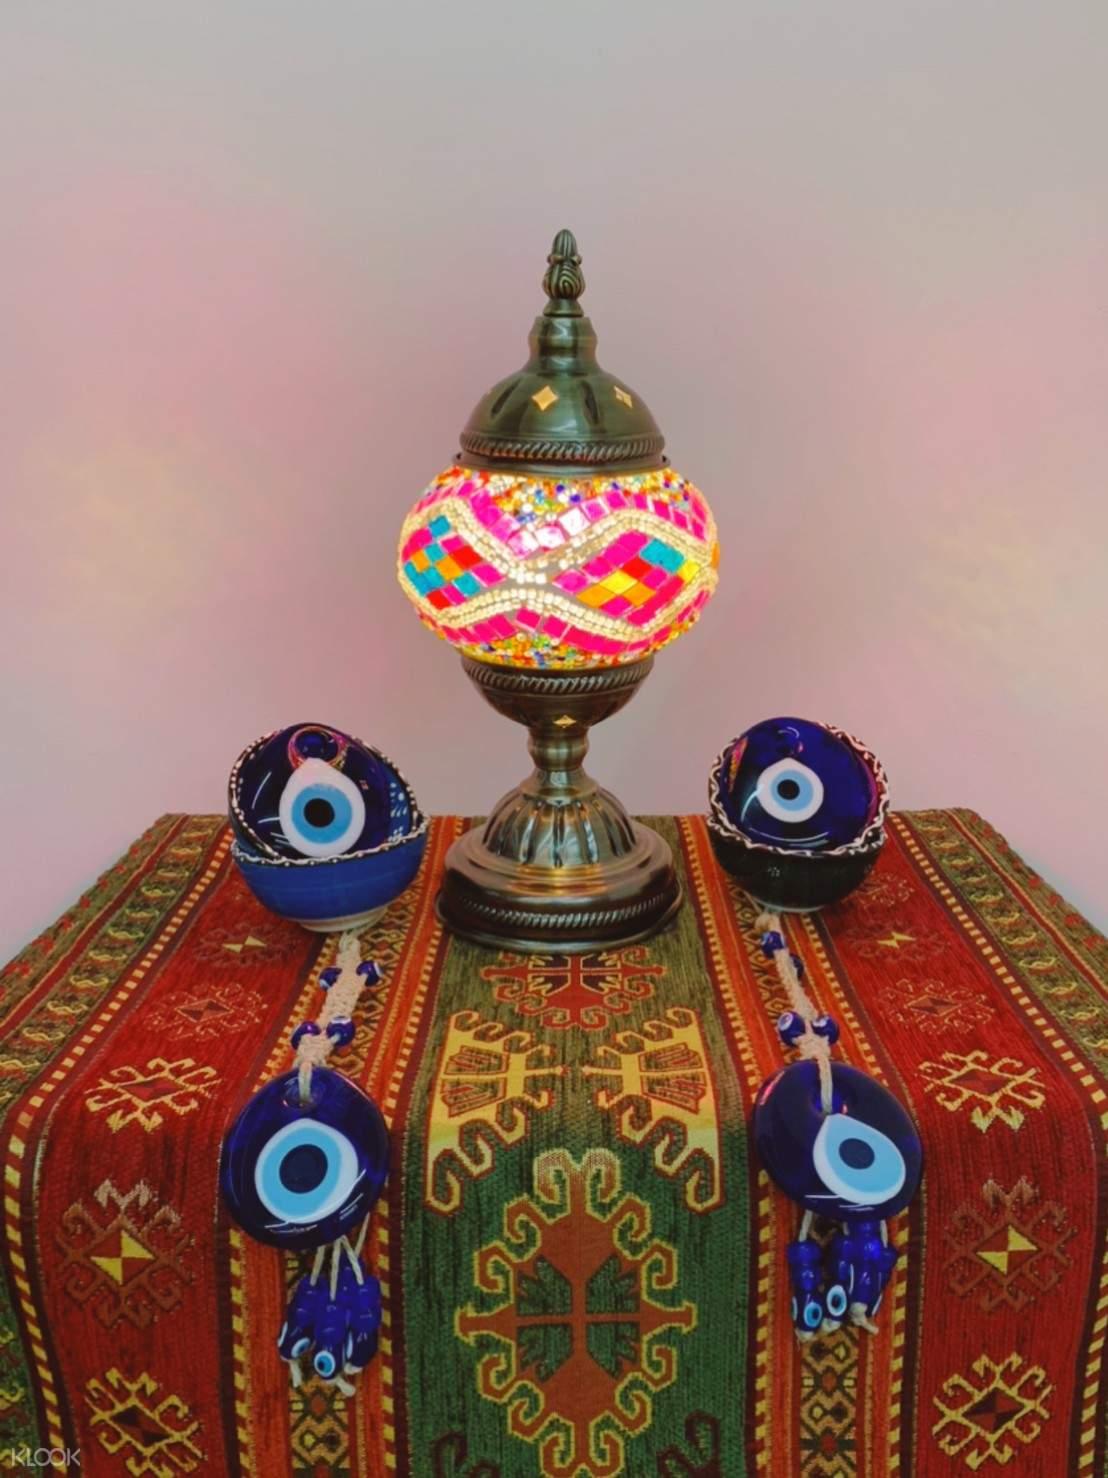 台北手作土耳其馬賽克燈 by Mosaic Arts House